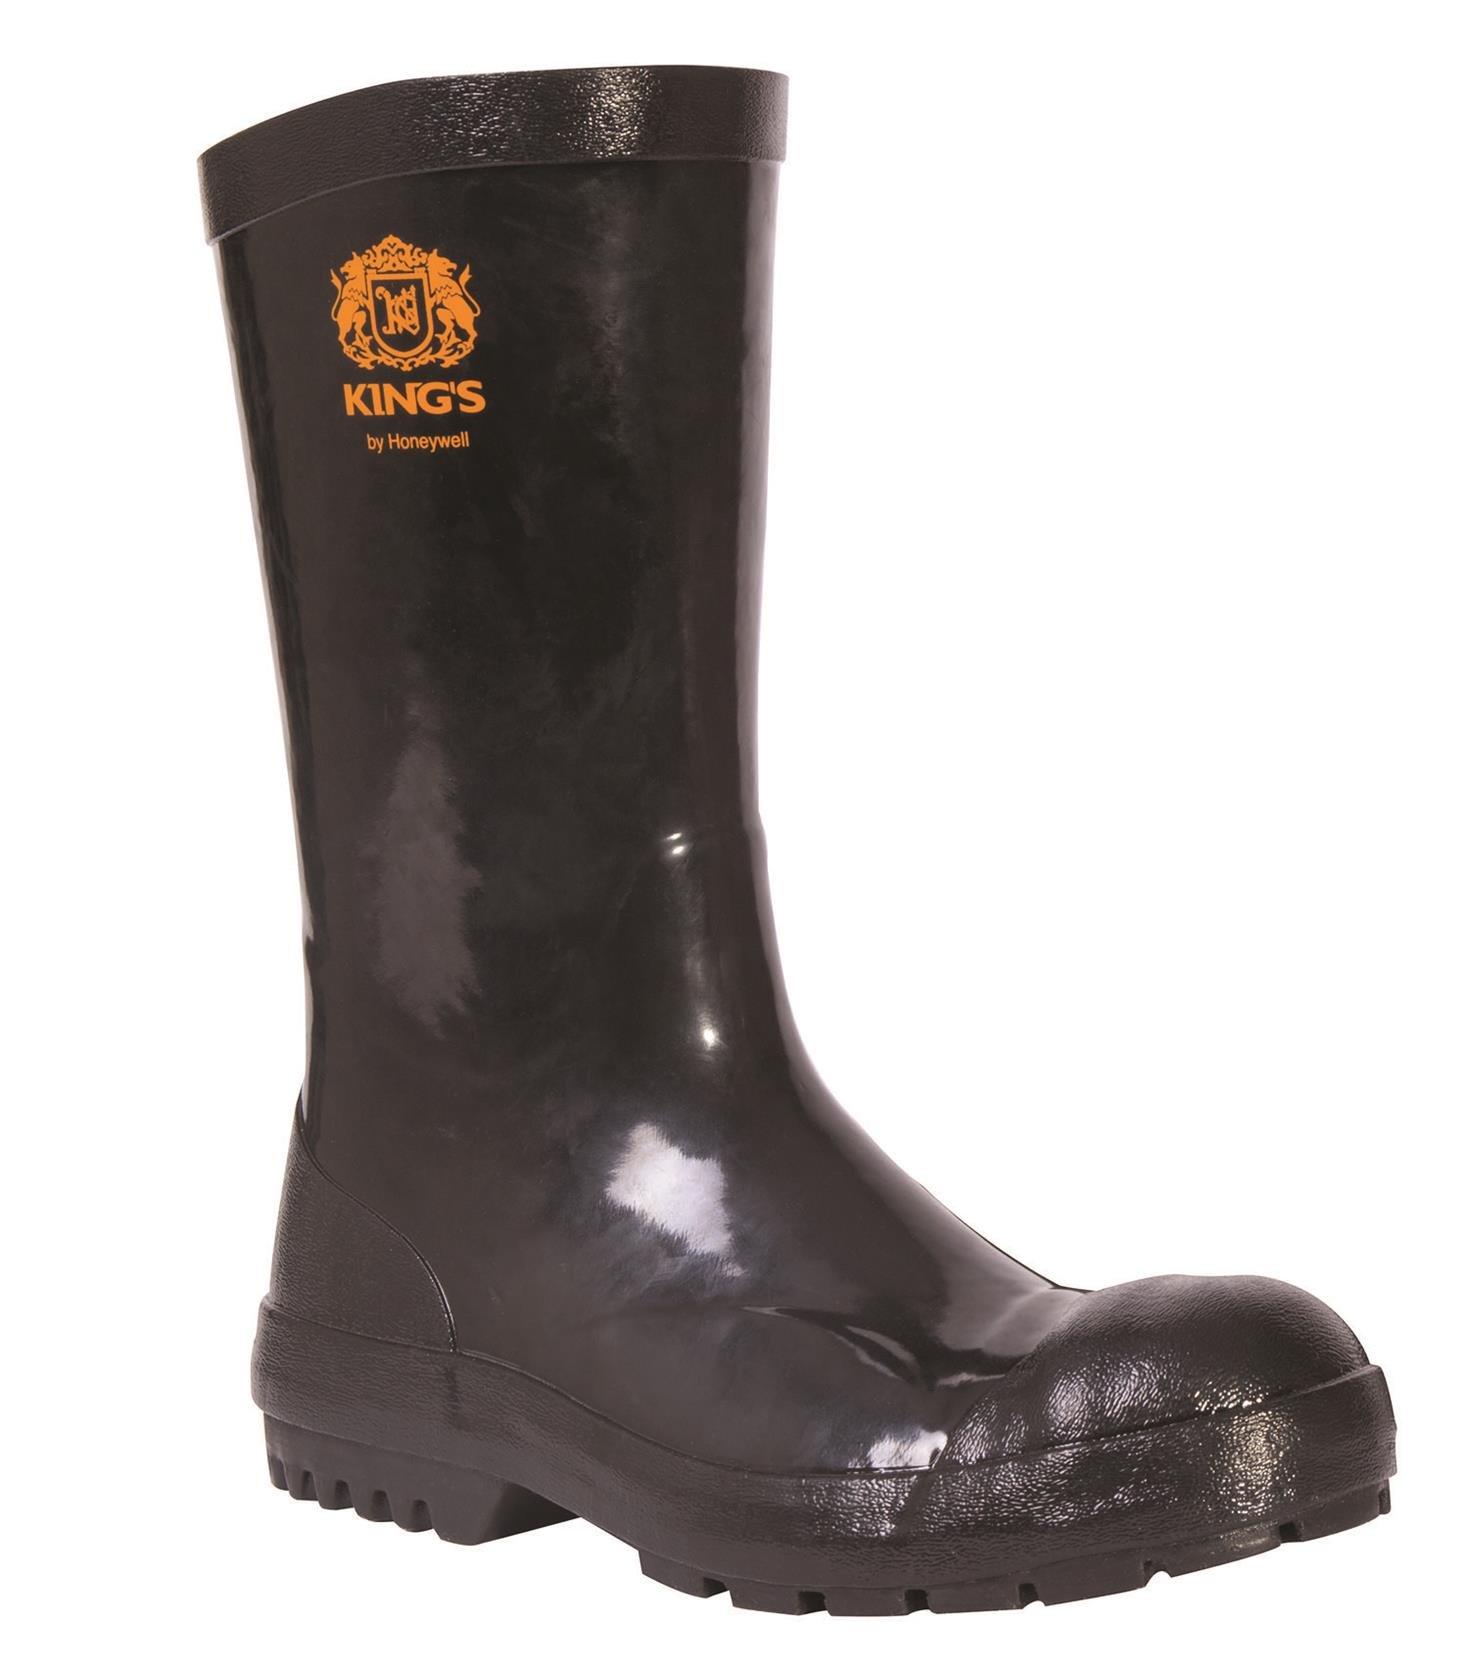 King's by Honeywell KDNEO01 Steel Toe Dipped Neoprene Work Boot, 12''/Size 11